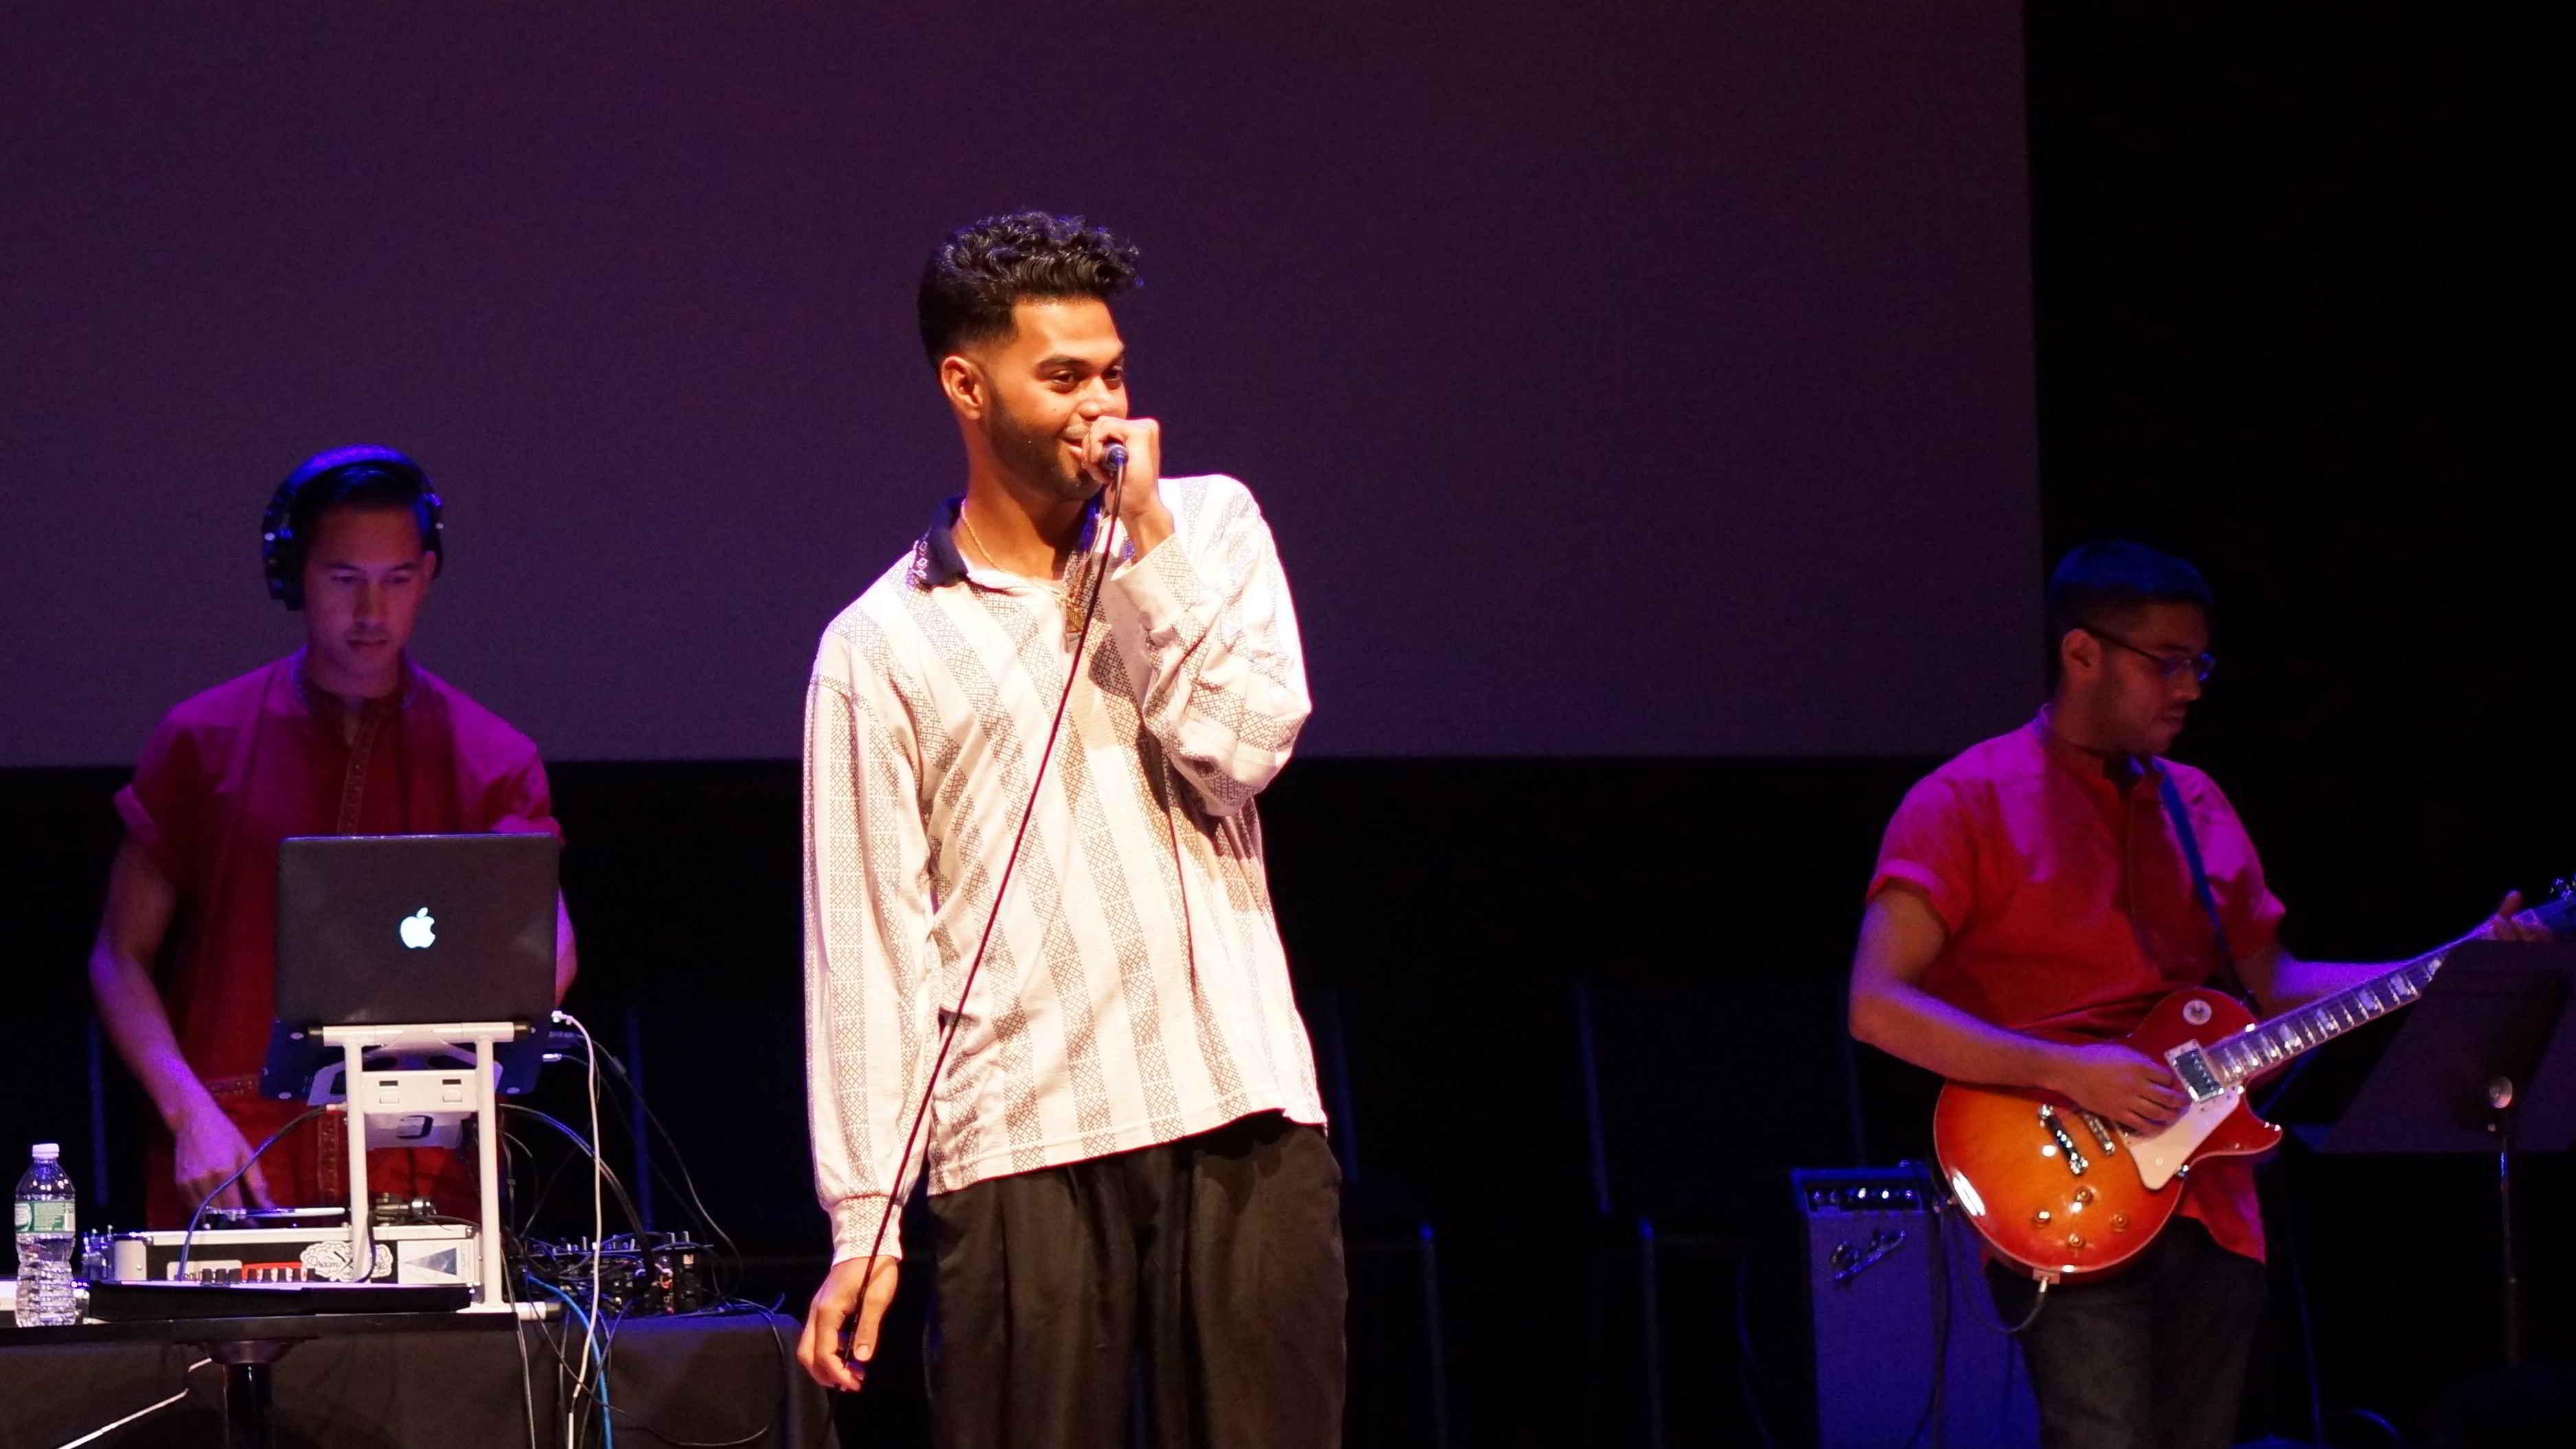 Bangladeshi hip-hop singer Anik Khan